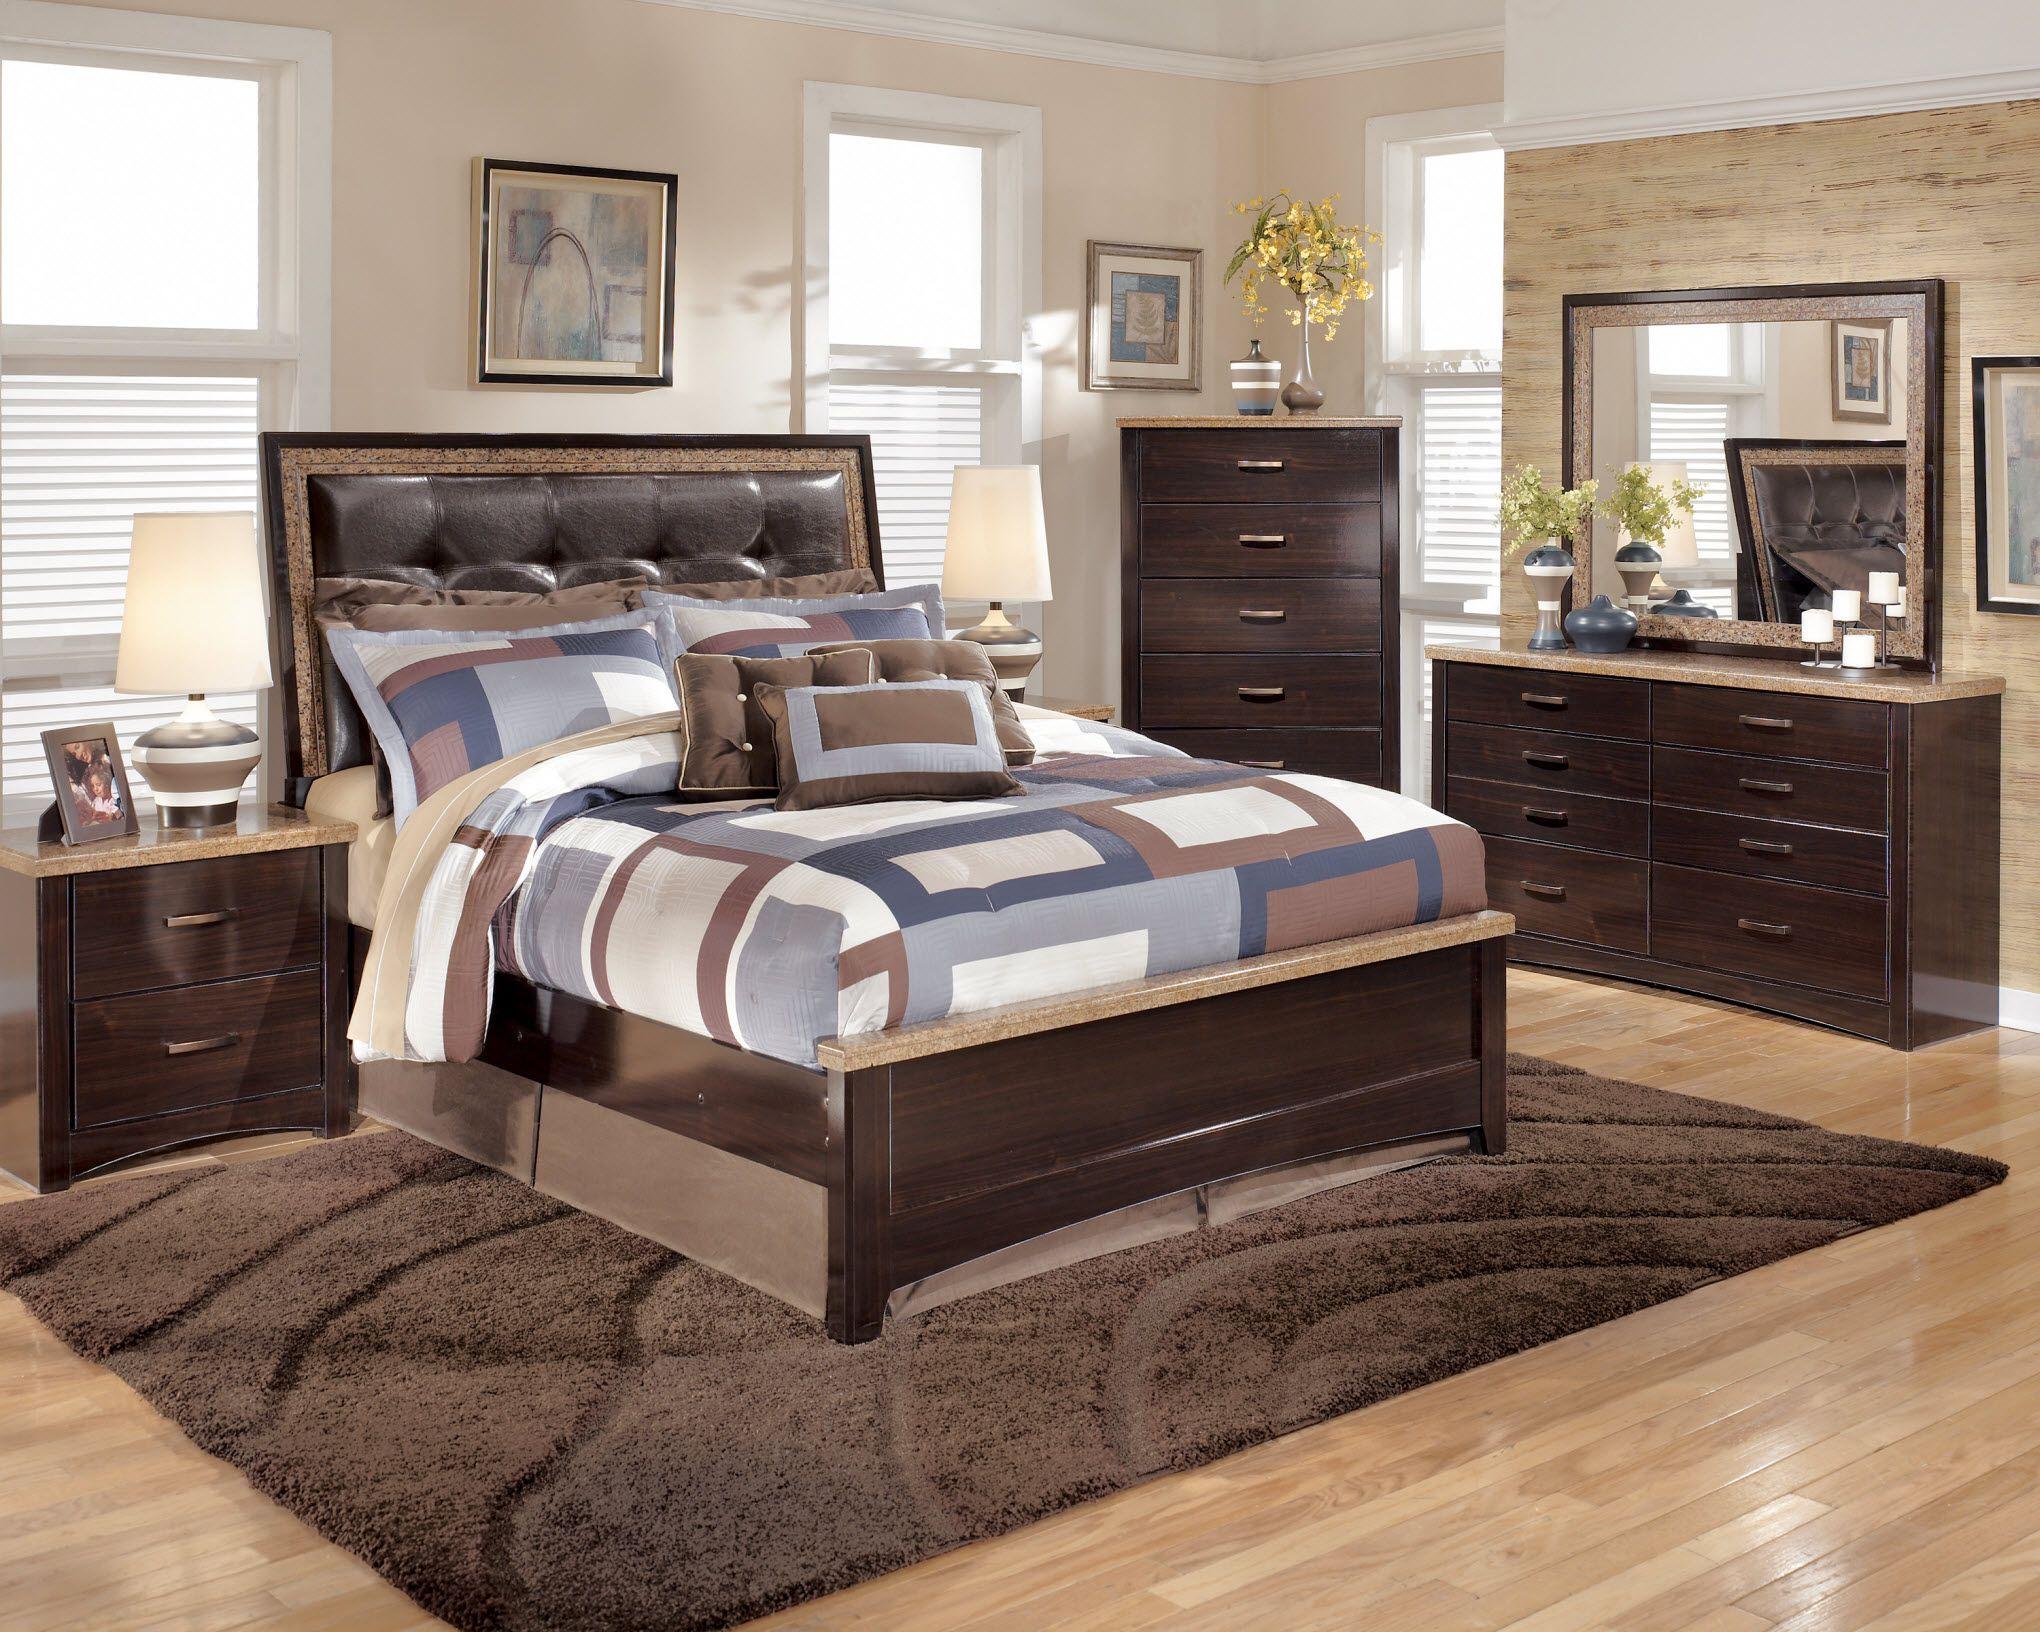 Ashley Furniture Gallery